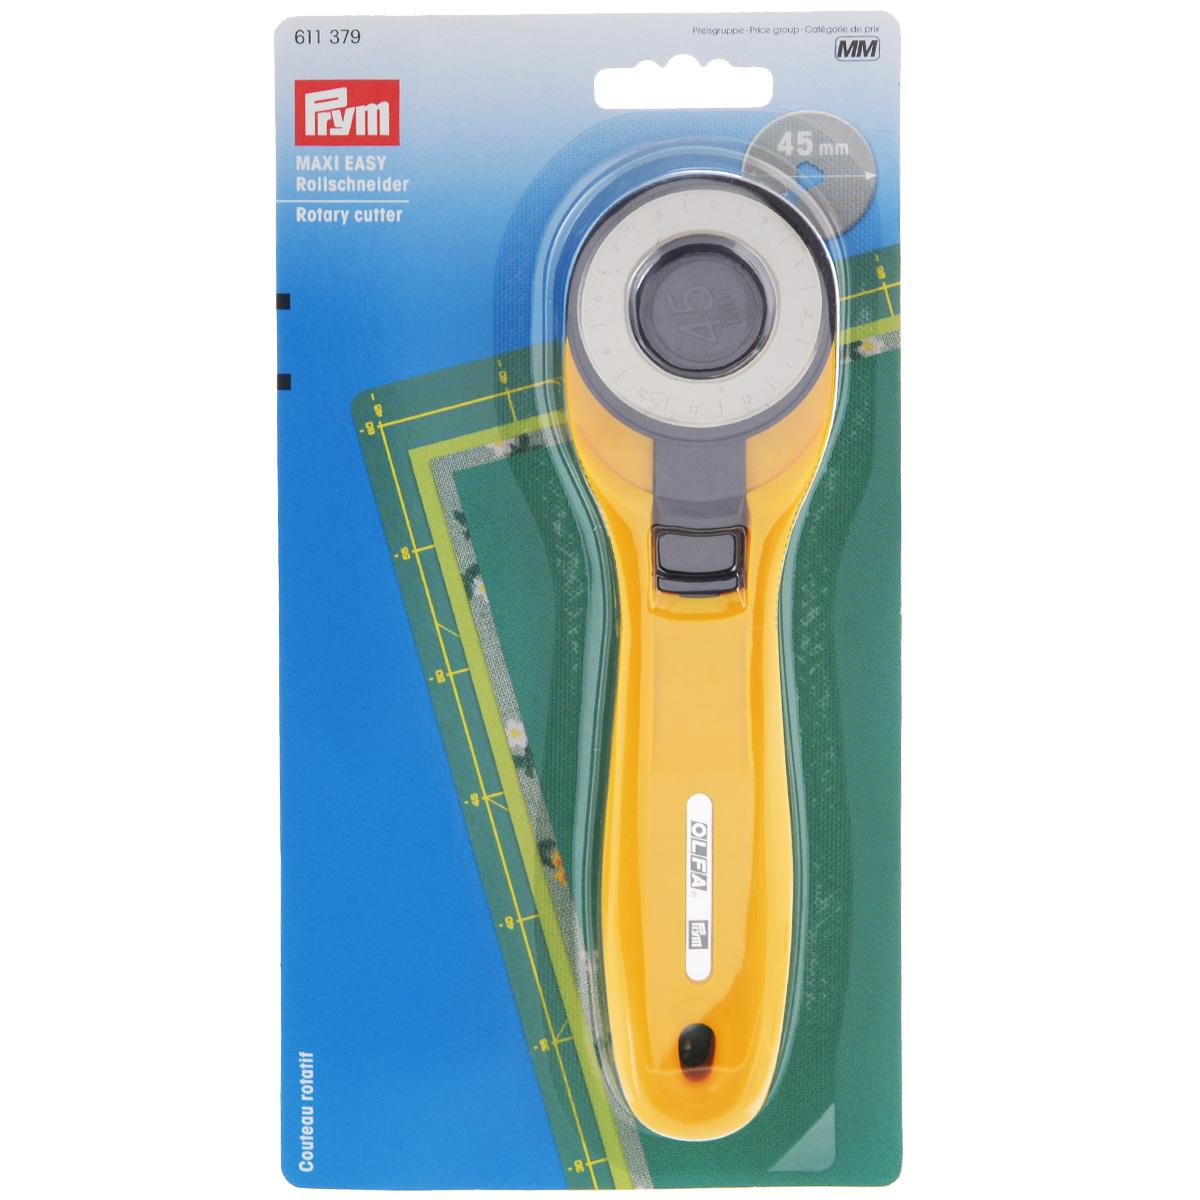 Раскройный нож Prym Maxi Easy, для ткани, диаметр 4,5 см611379Раскройный нож Prym Maxi Easy изготовлен из металла и пластика и оснащен вращающимся лезвием в прямом и обратном направлении, гарантируя чистый срез 4-8 слоев ткани. Специальный винт фокусировки поможет определить нужную скорость вращения лезвия. При работе с твердыми и толстыми материалами винт фокусировки подтянуть, при работе с мягкими и тонкими материалами - отпустить. Имеется защитная функция для безопасного хранения вне использования.